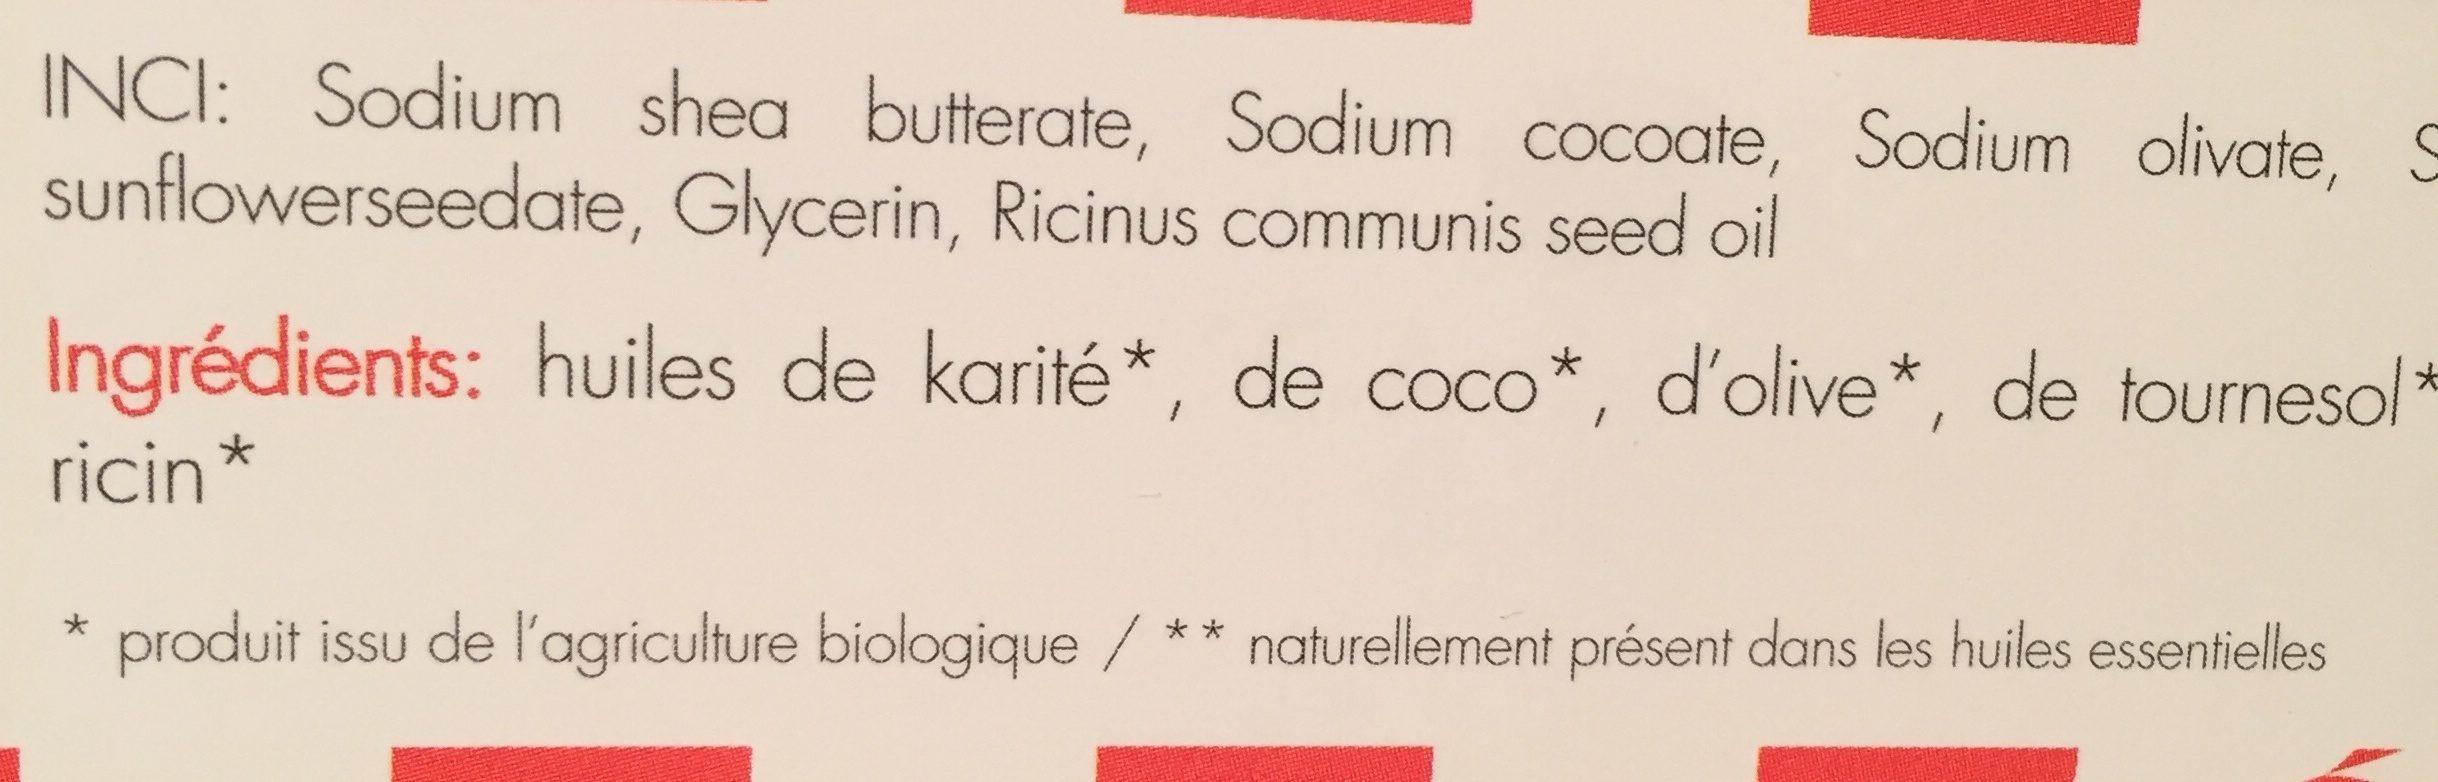 Savon à Froid Le Suisse Neutre 100GR Clémence Et Vivien - Ingredients